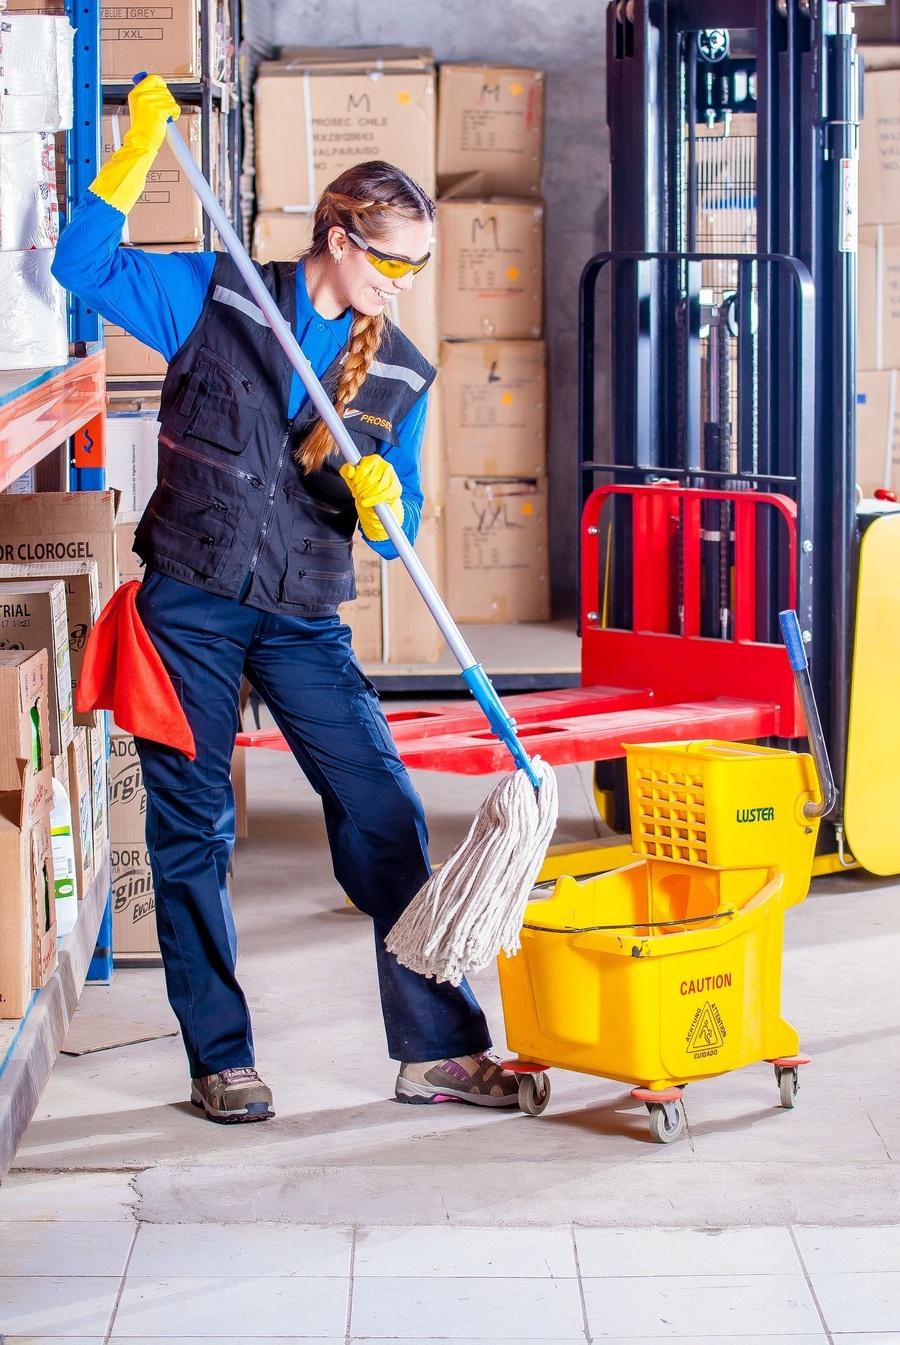 La limpieza diaria de una oficina